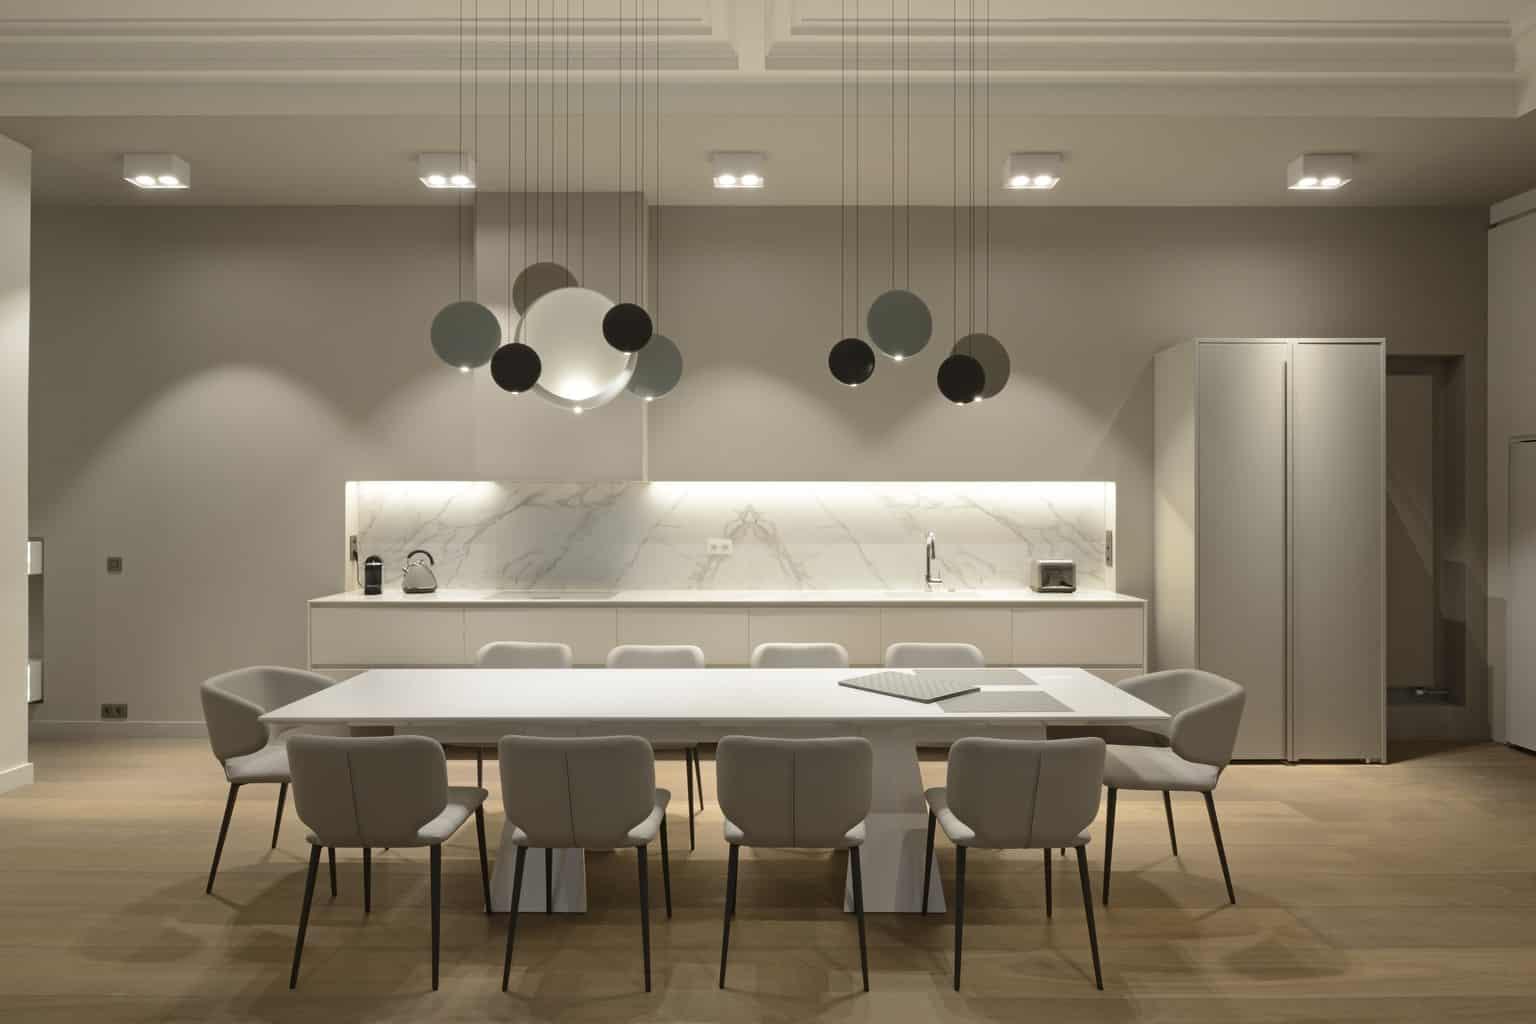 Denise Omer Design Appartement Paris Salon Cuisine Lustre Repas Denise Omer Design Architecte D Interieur Design